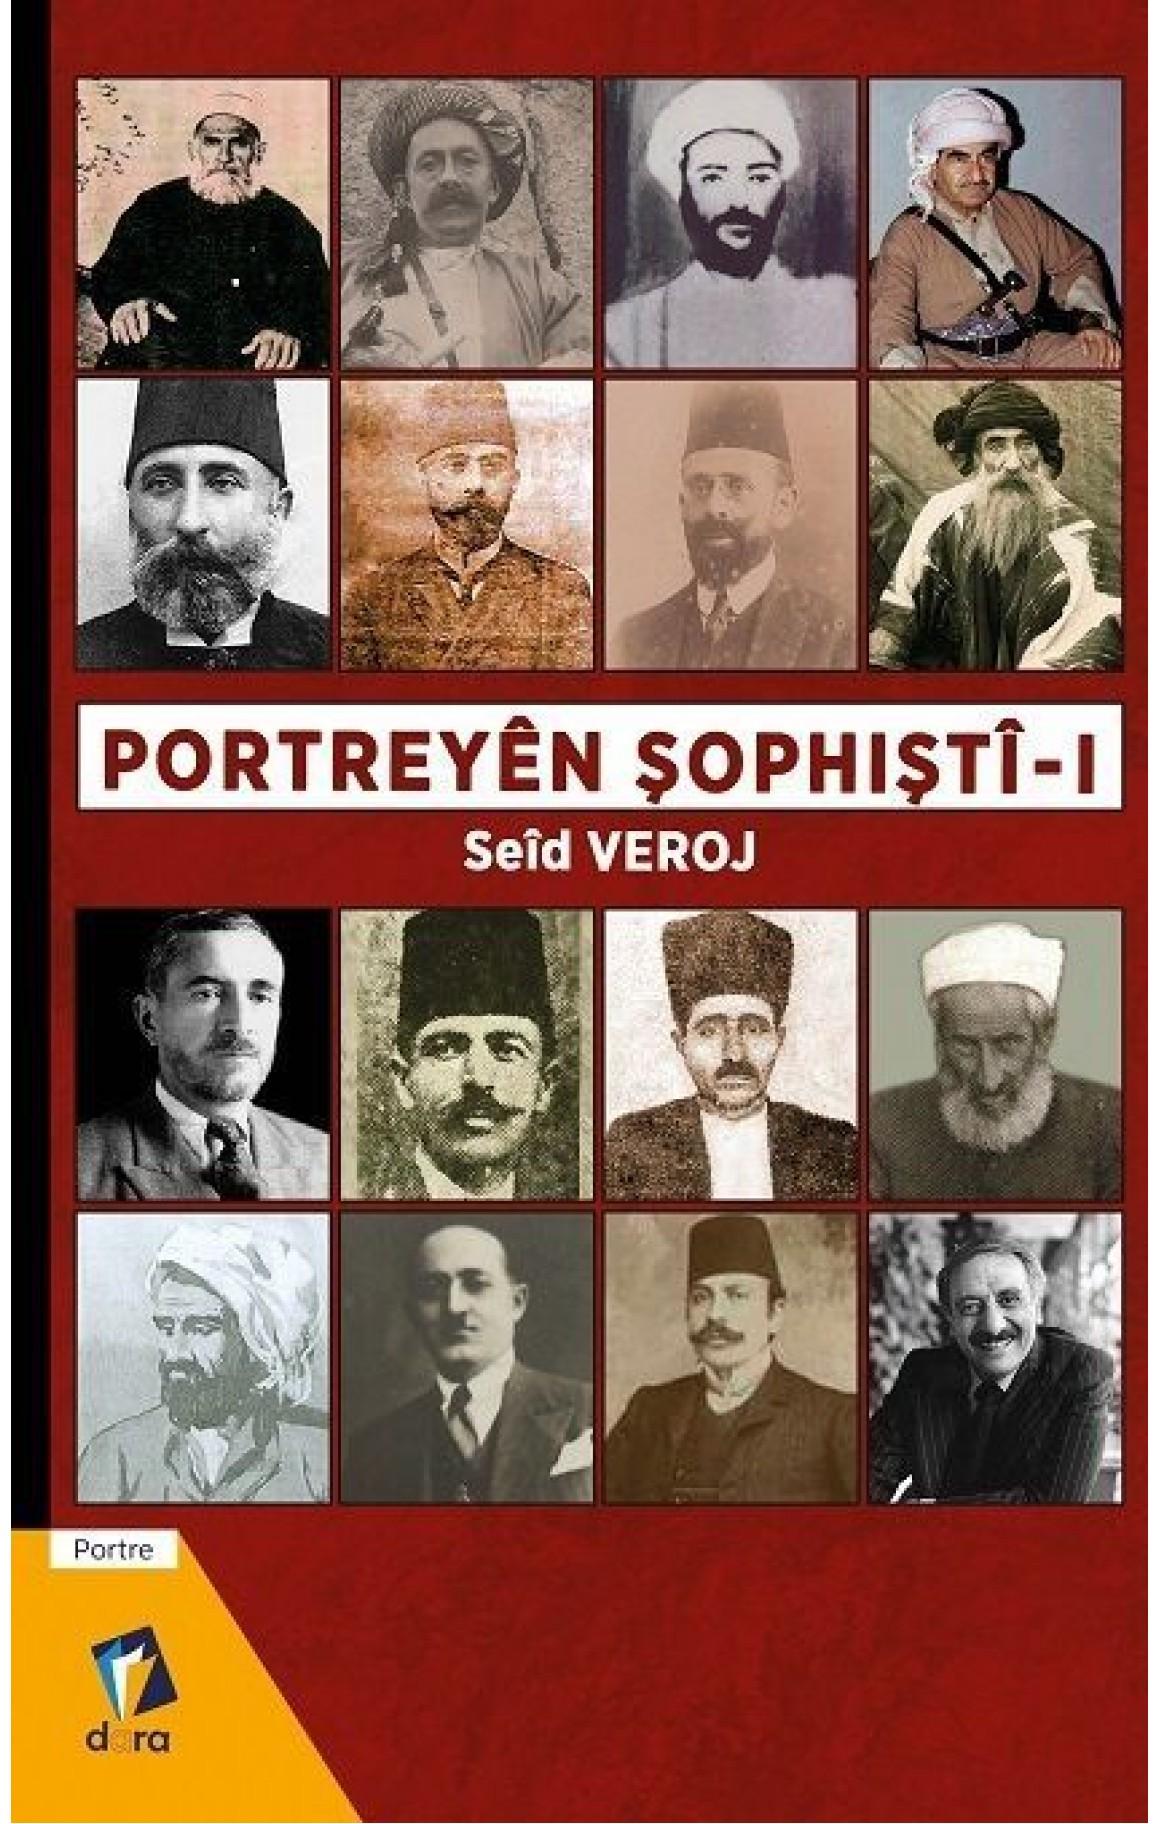 Portreyên Şophiştî - 1